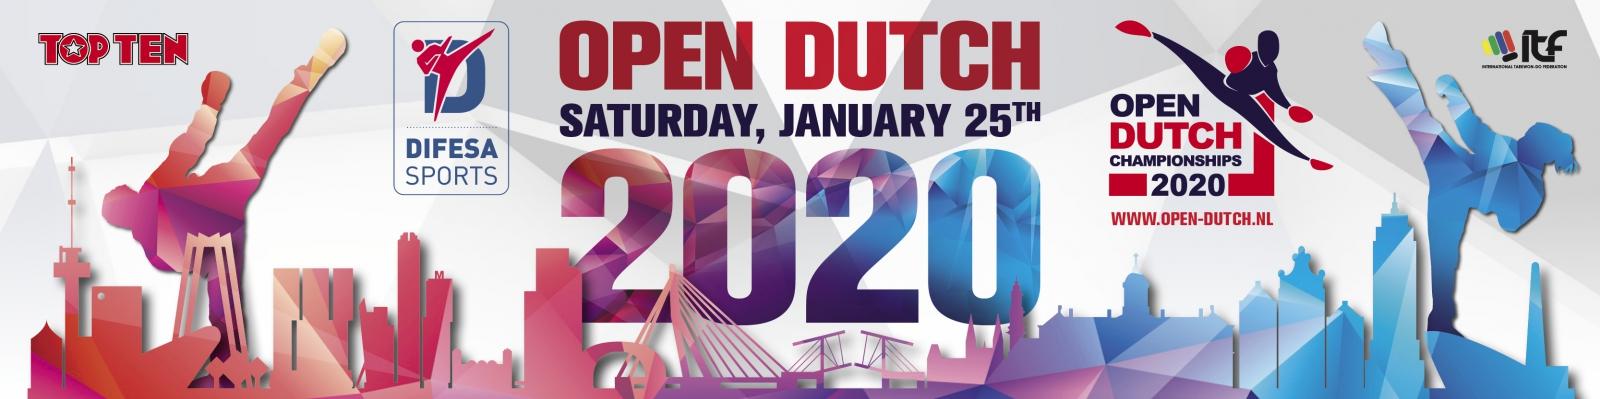 Open Dutch 2020